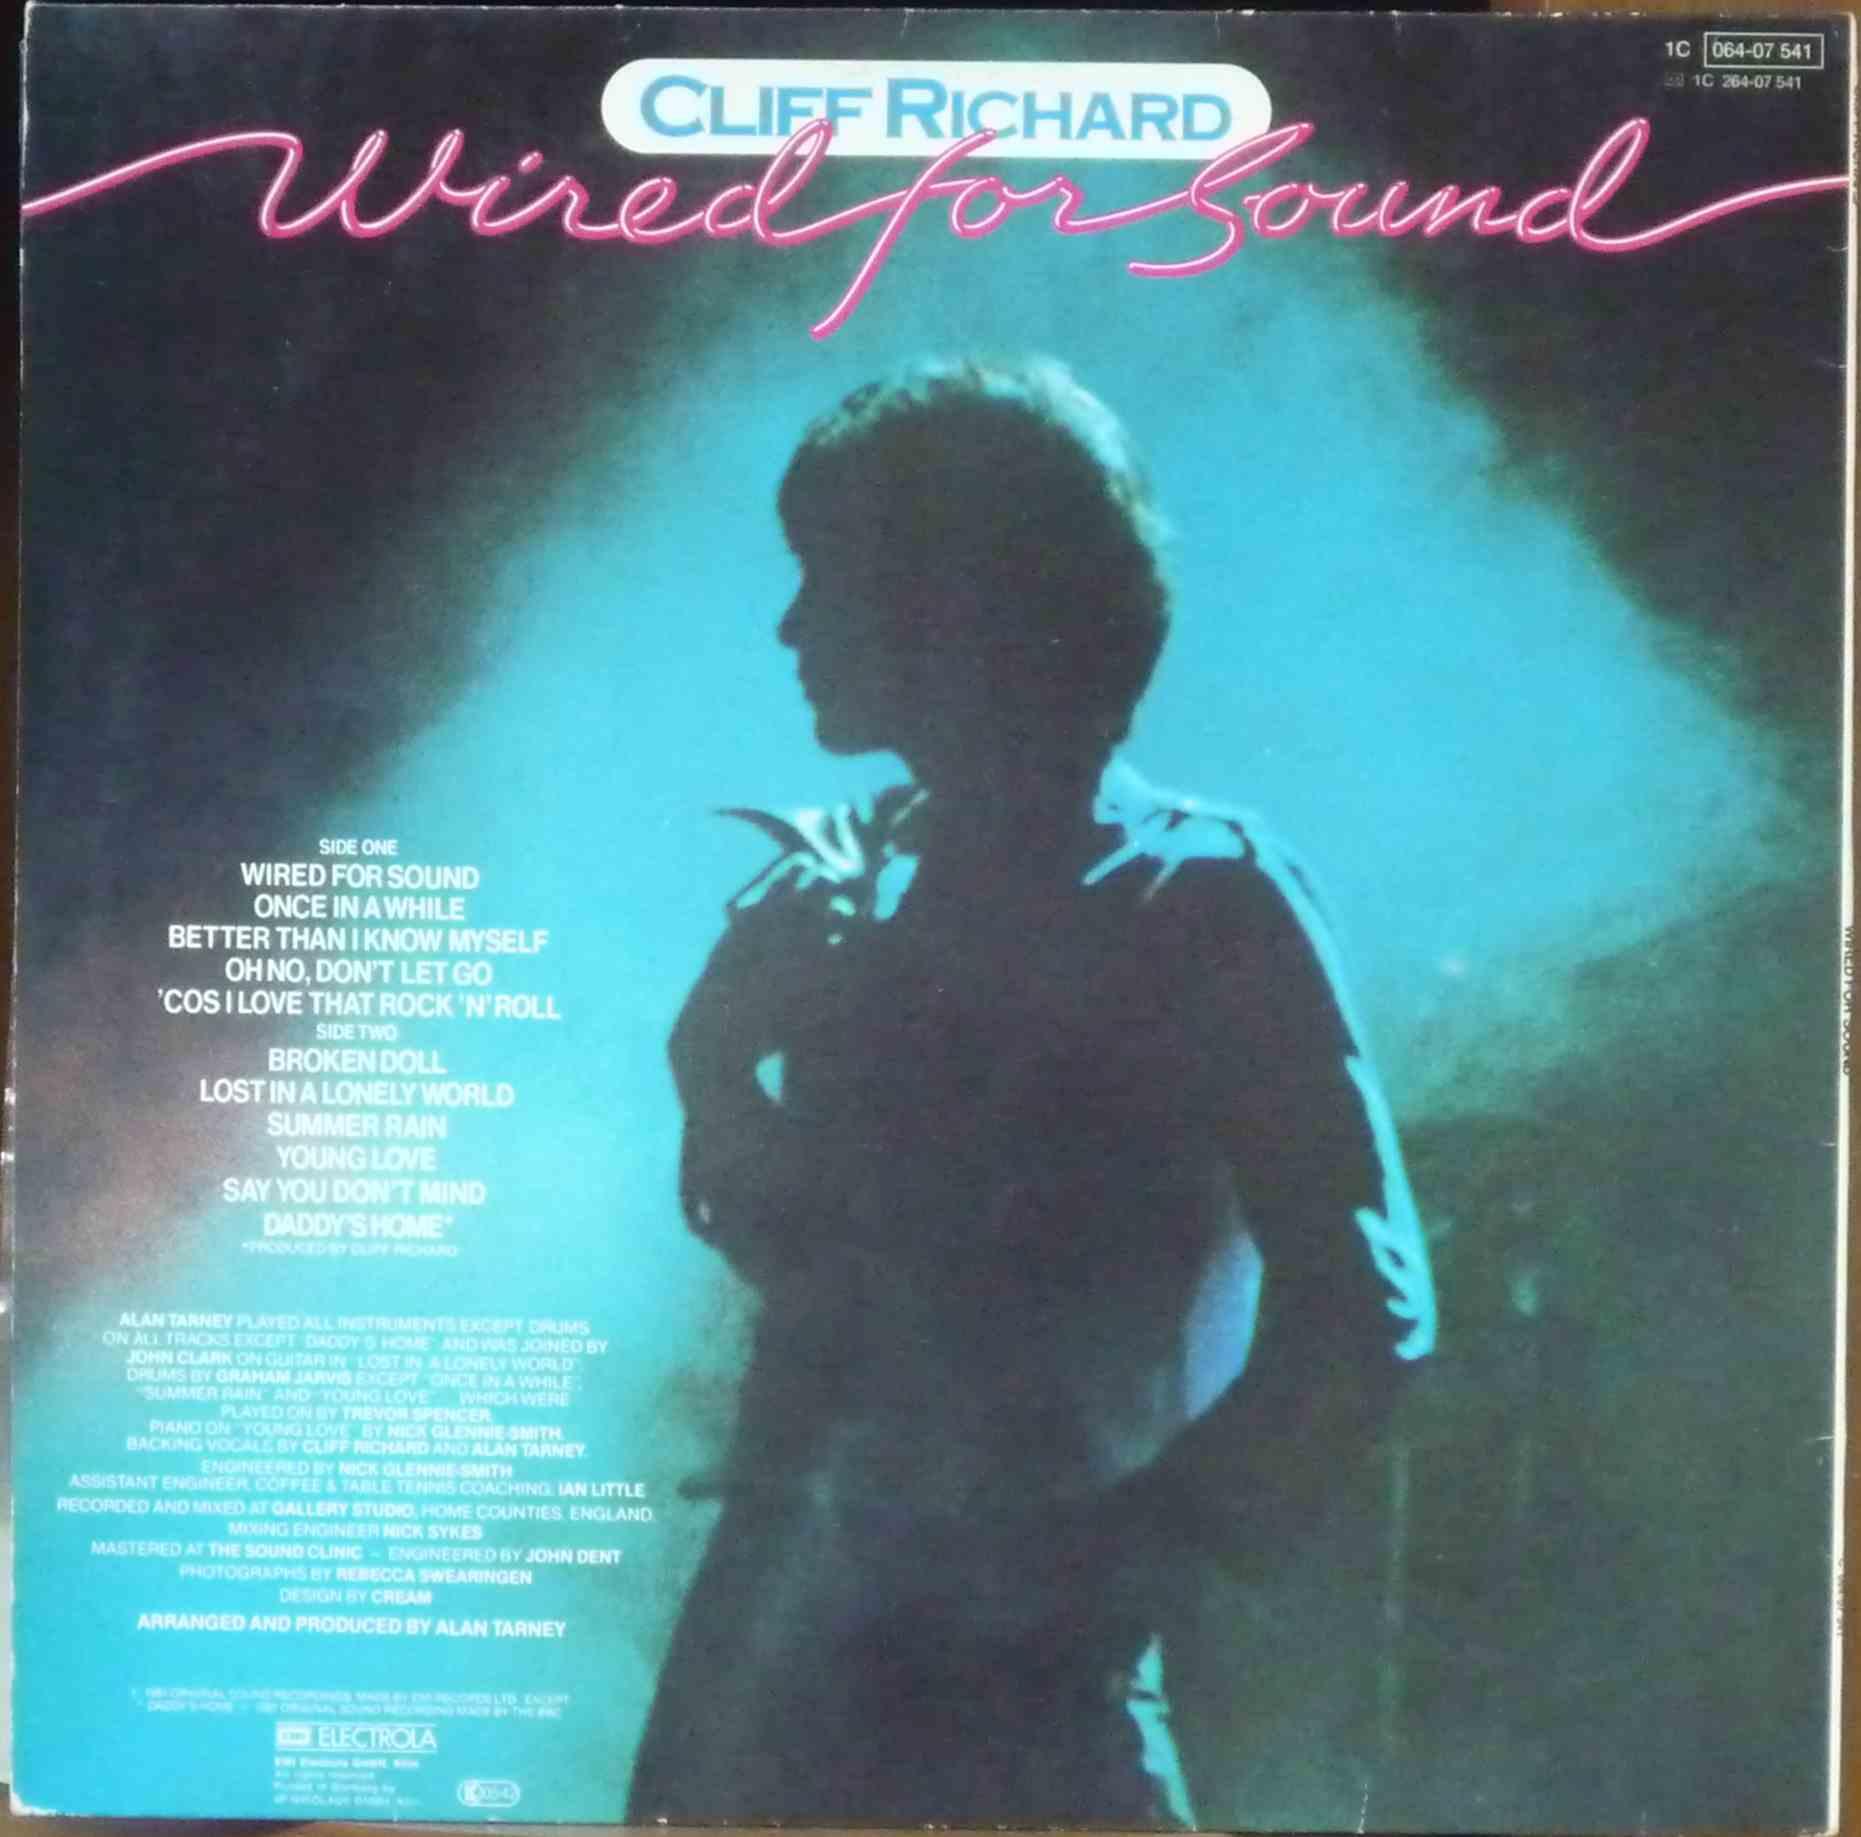 CLIFF RICHARD - Wired for Sound - купить в интернет-магазине ...